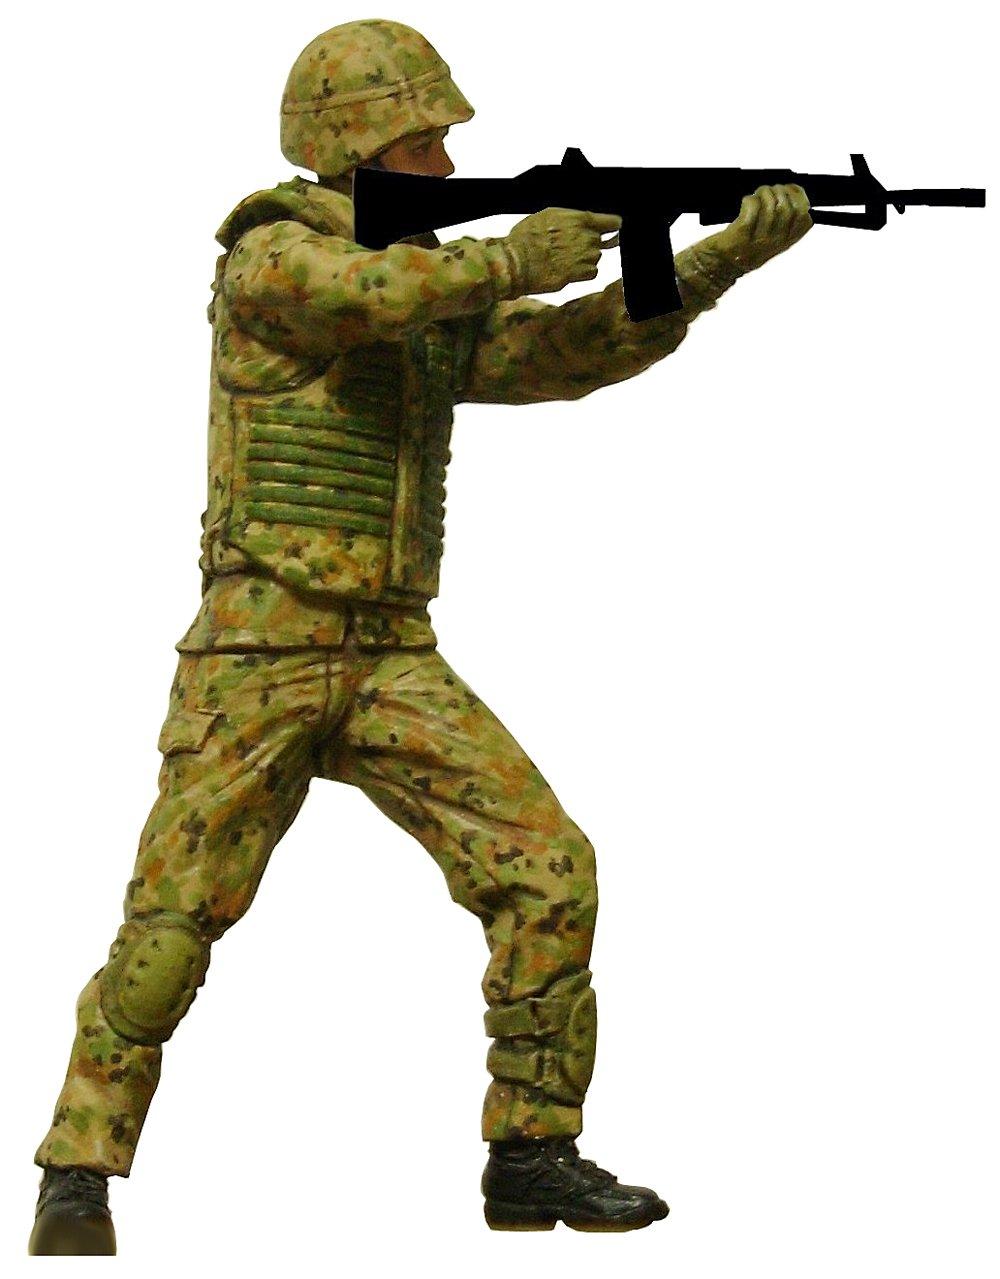 陸上自衛隊普通科隊員 立ち射撃ポーズ 1/35スケール レジンキャスト製 未塗装 未組立フィギュア